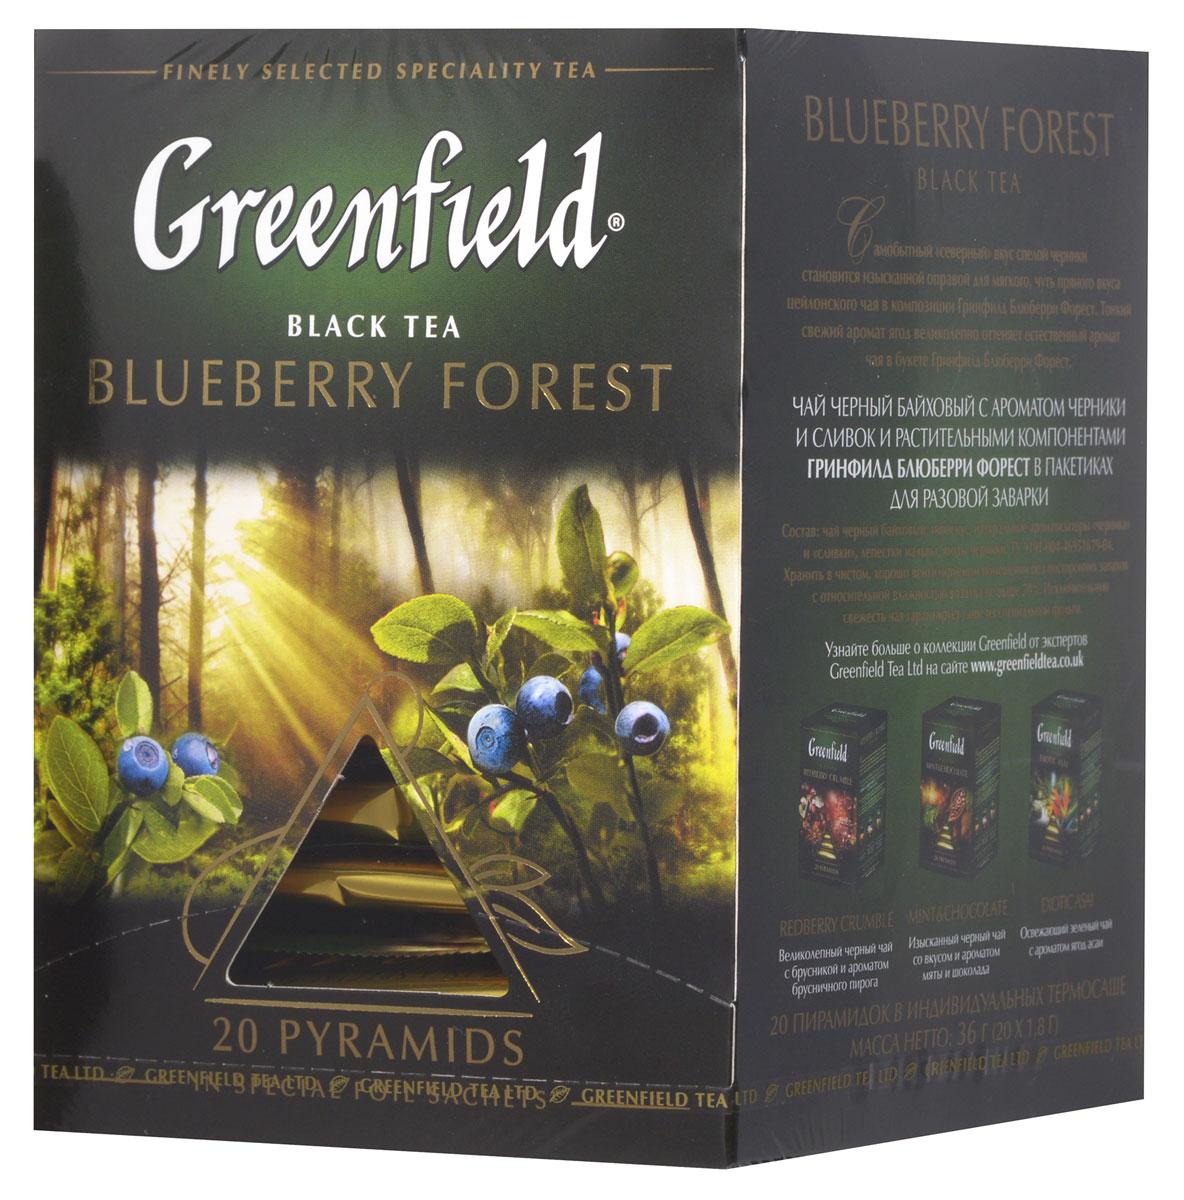 Greenfield Blueberry Forest черный чай в пирамидках, 20 шт0120710Самобытный северный вкус спелой черники становится изысканной оправой для мягкого, чуть пряного вкуса цейлонского чая в композиции Greenfield Blueberry Forest. Тонкий свежий аромат ягод великолепно оттеняет естественный аромат чая в букете Greenfield Blueberry Forest.Относительная влажность воздуха при хранении не выше 70%.